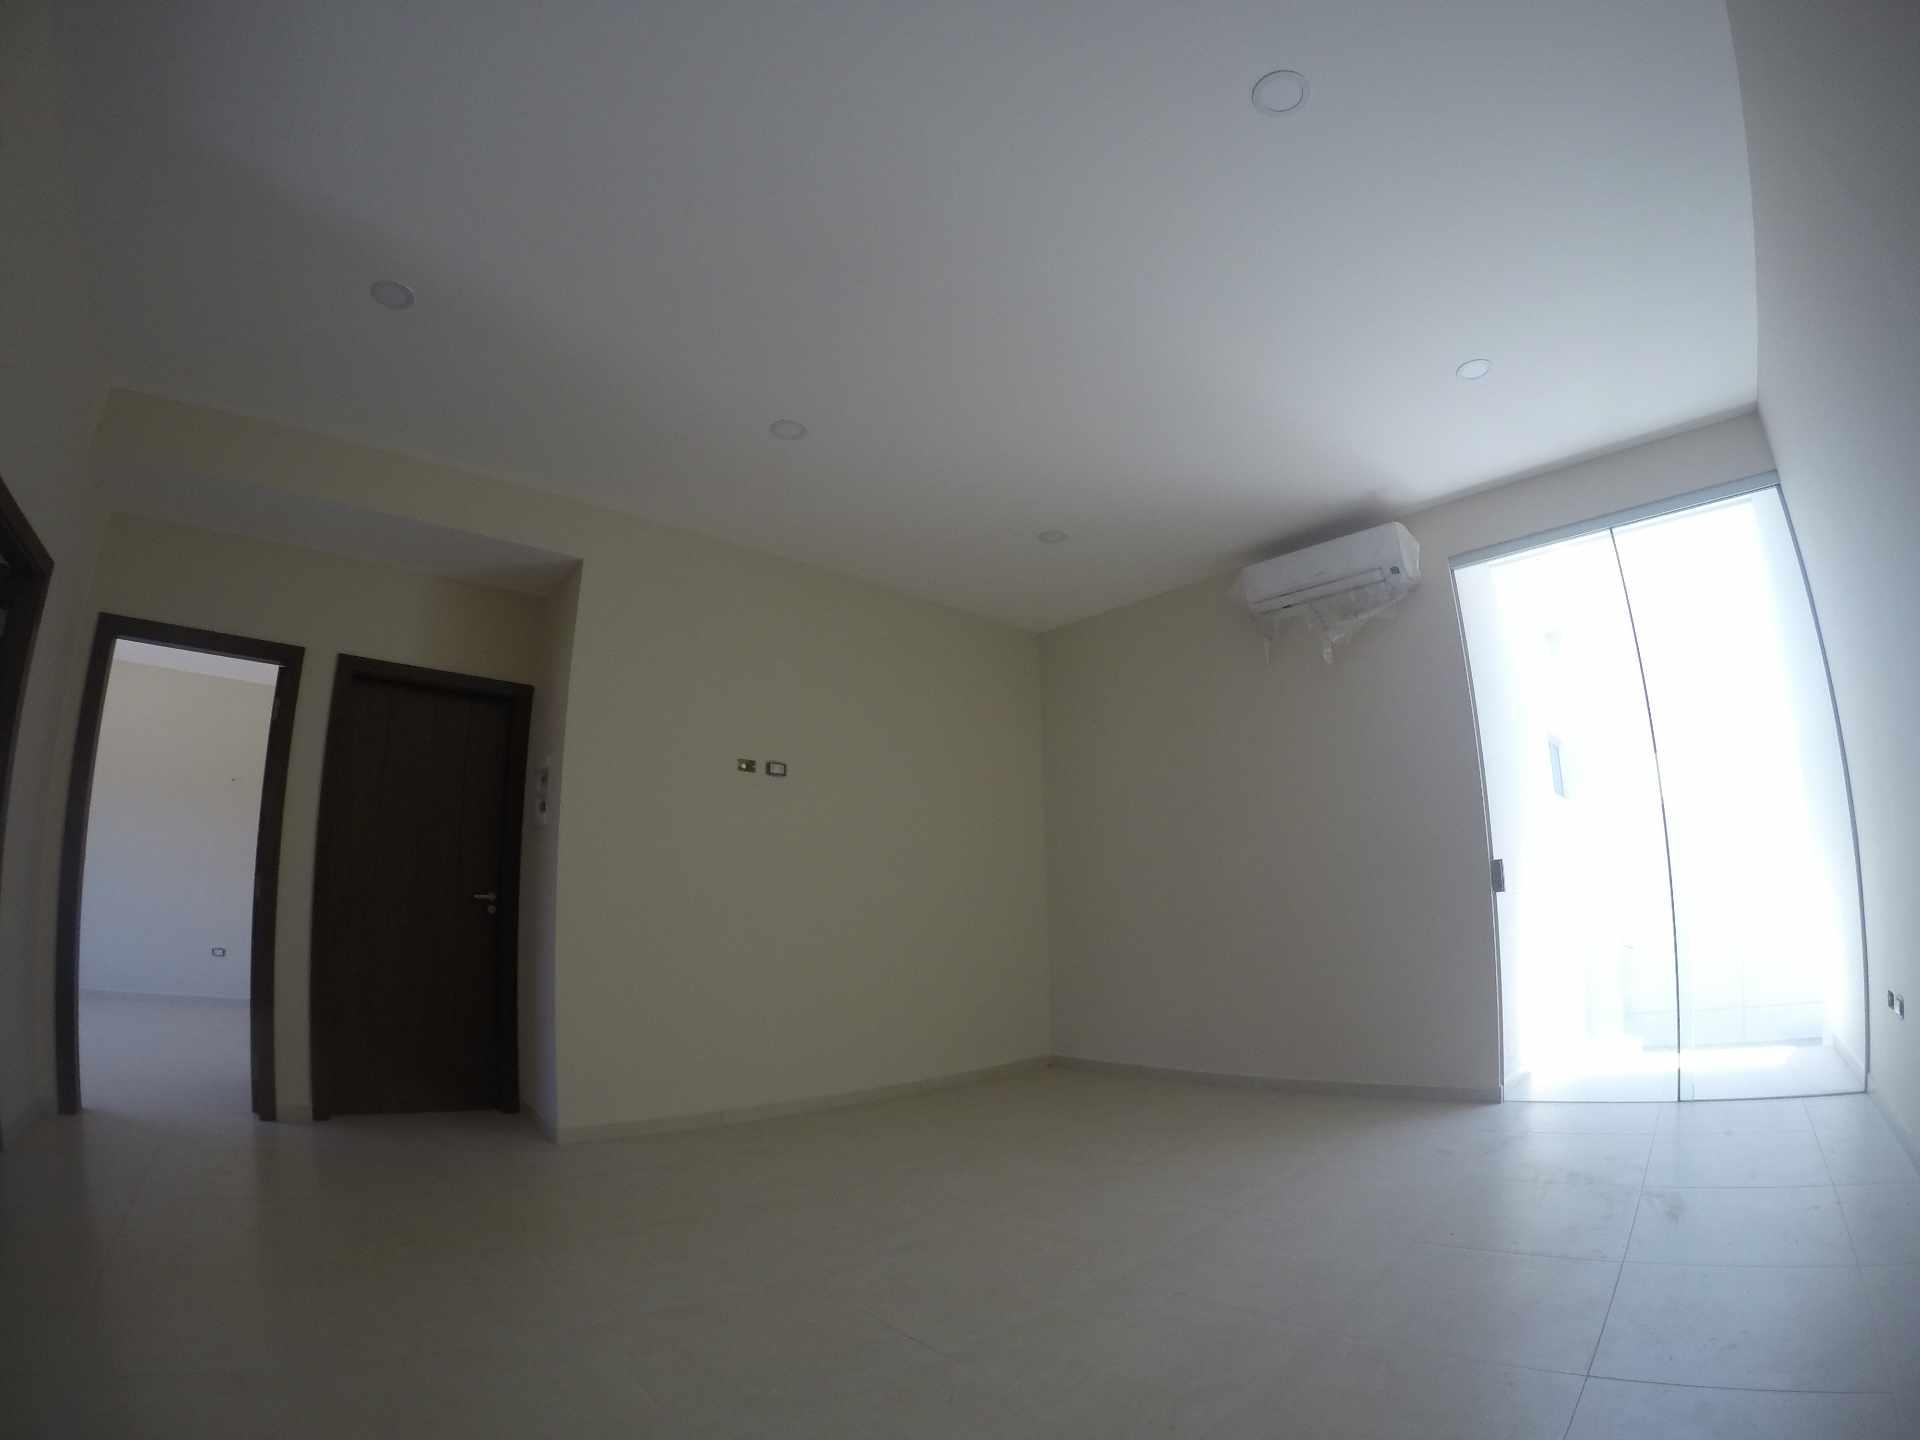 Casa en Alquiler Casa independiente en alquiler a estrenar, próximo a Parque Los Mangales II [Av. Beni y 4to. Anillo], De 3 plantas, 3 dormitorios (2 en suite), con dependencias. [1000$us.] Foto 9